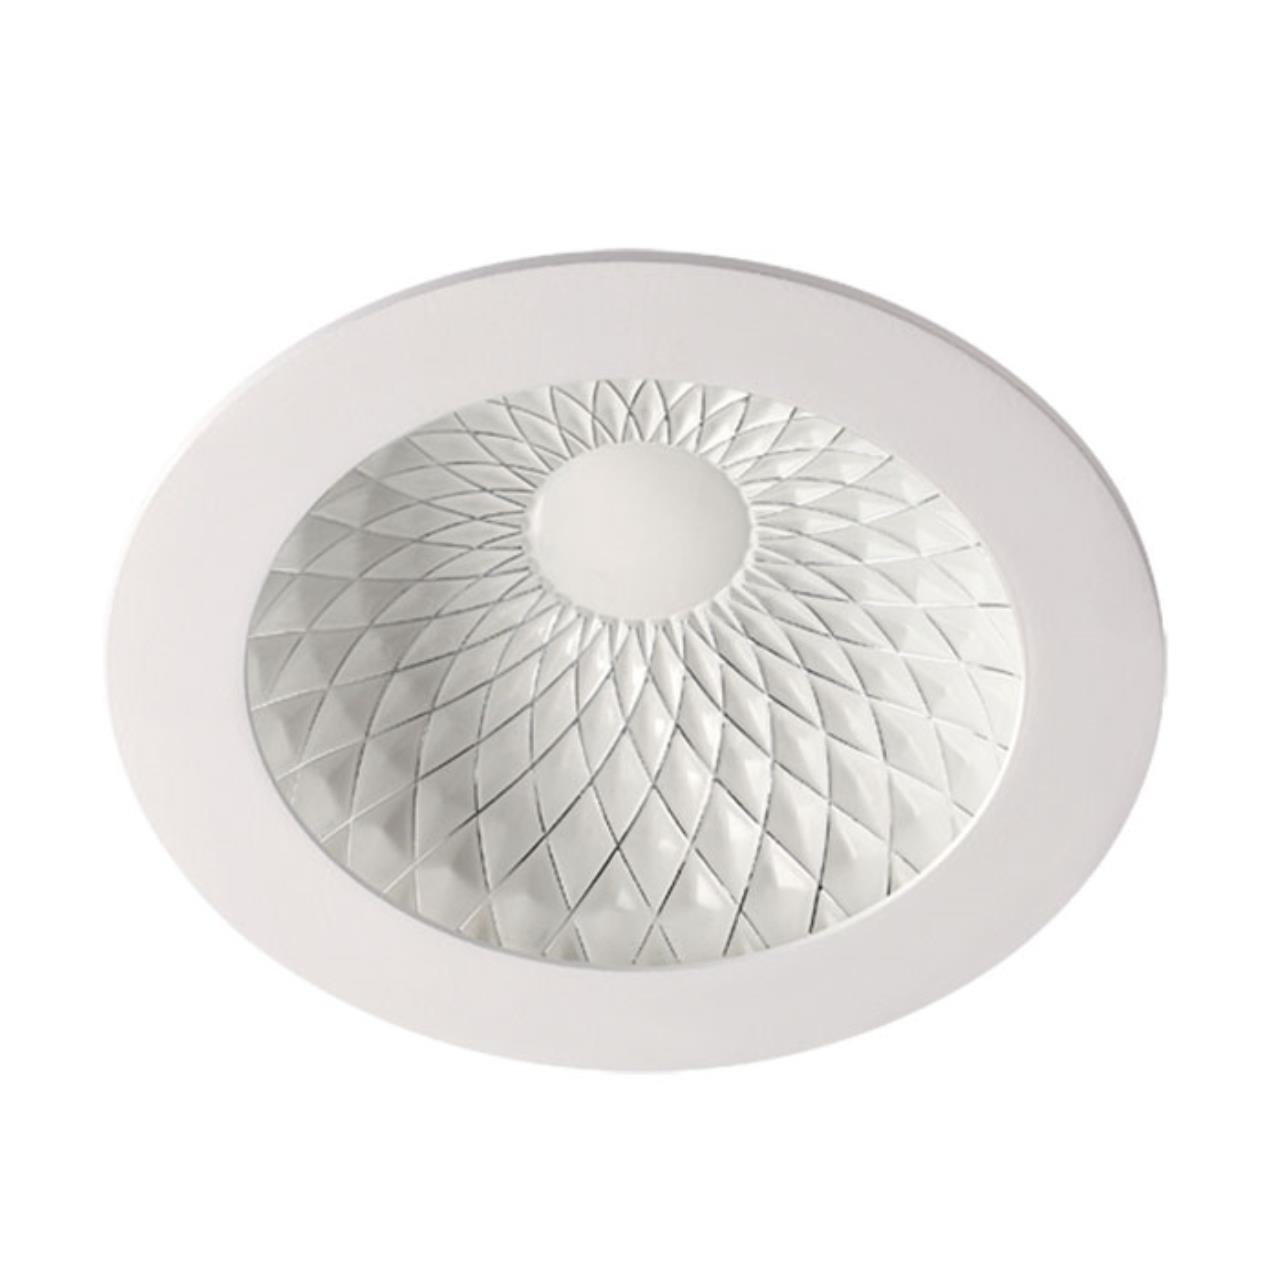 357500 SPOT NT18 141 белый/хром Встраиваемый светильник IP20 LED 3000K 9W 85-265V GESSO